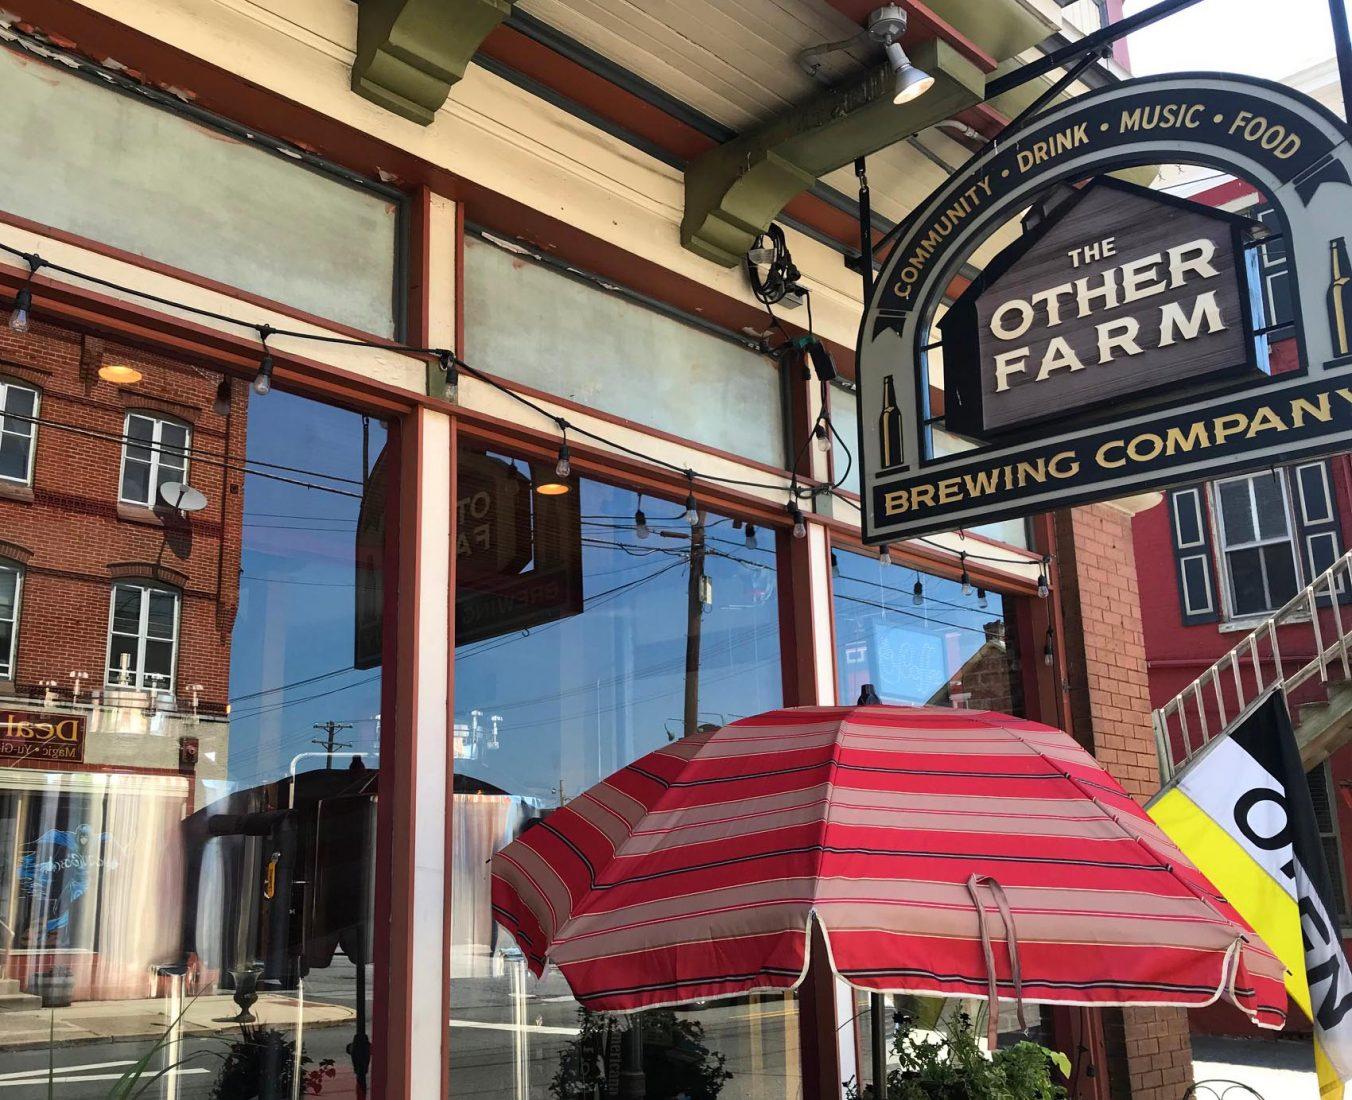 380. Other Farm Brewing, Boyertown PA, 2018